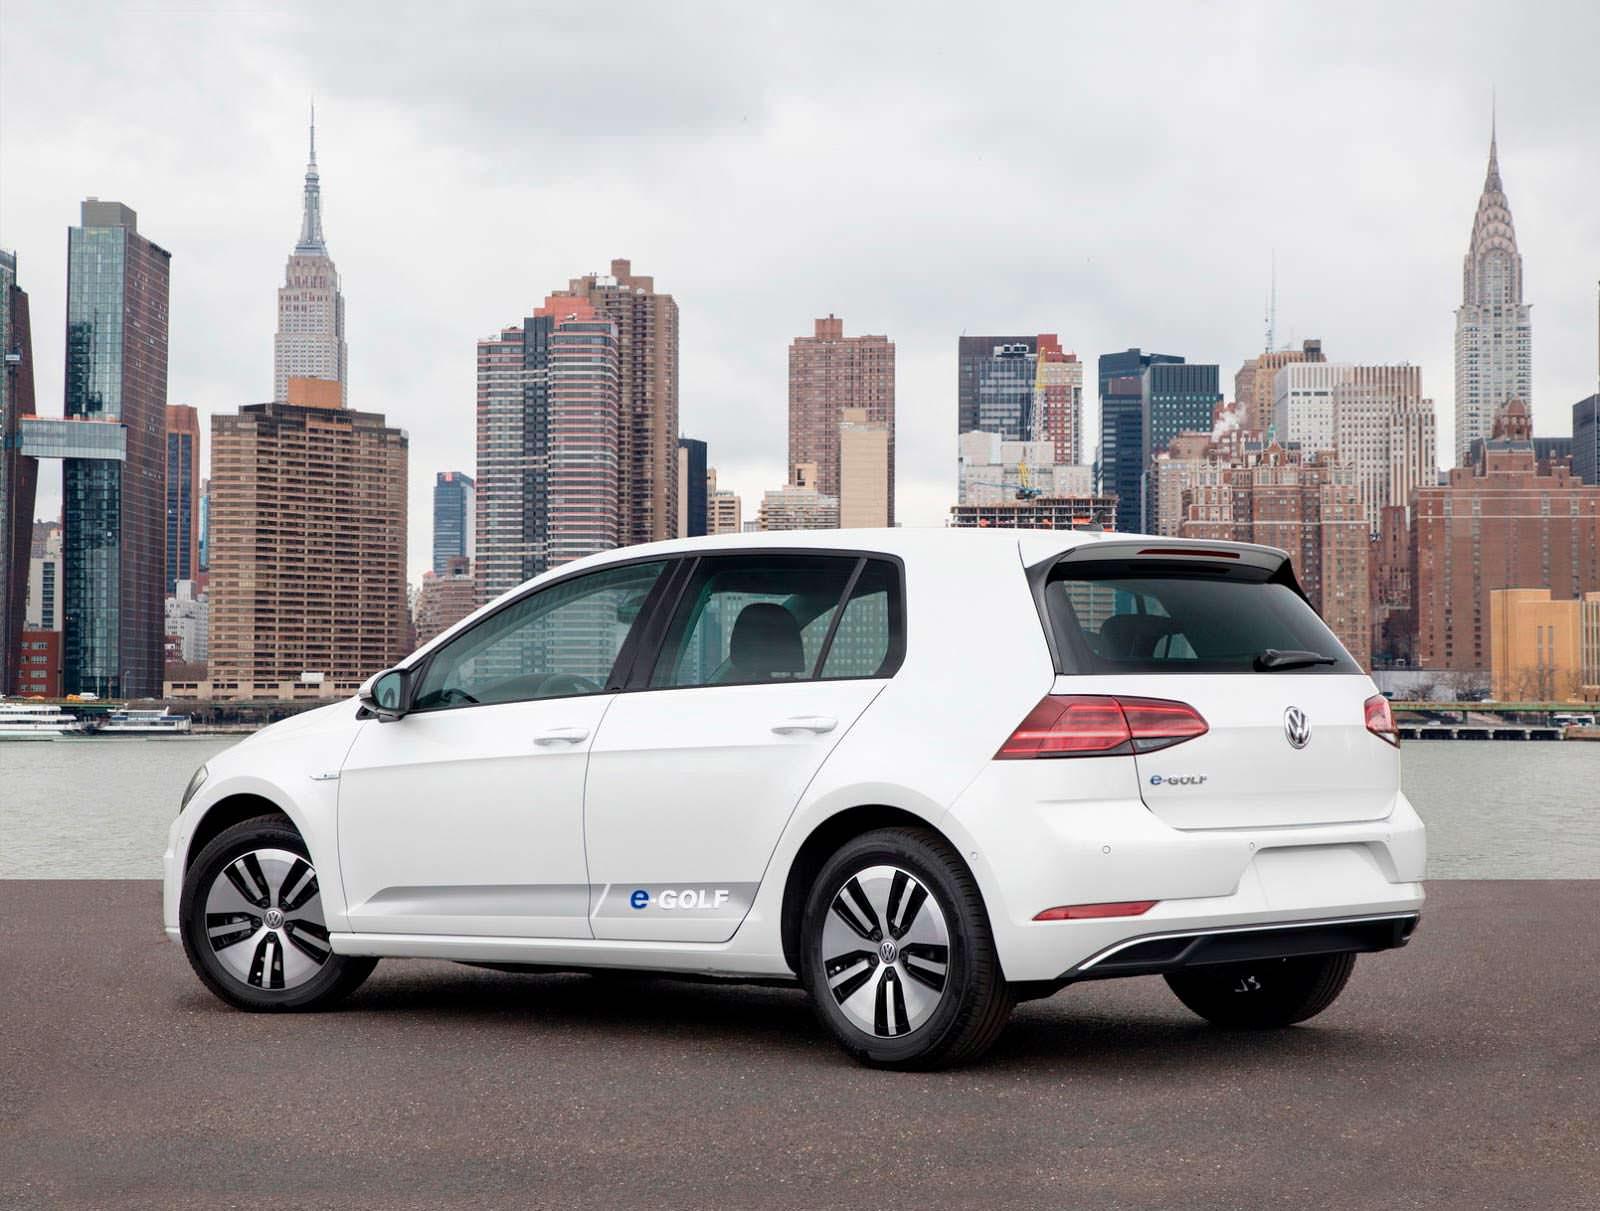 Фото | Электрокар Volkswagen e-Golf 2018 для Америки